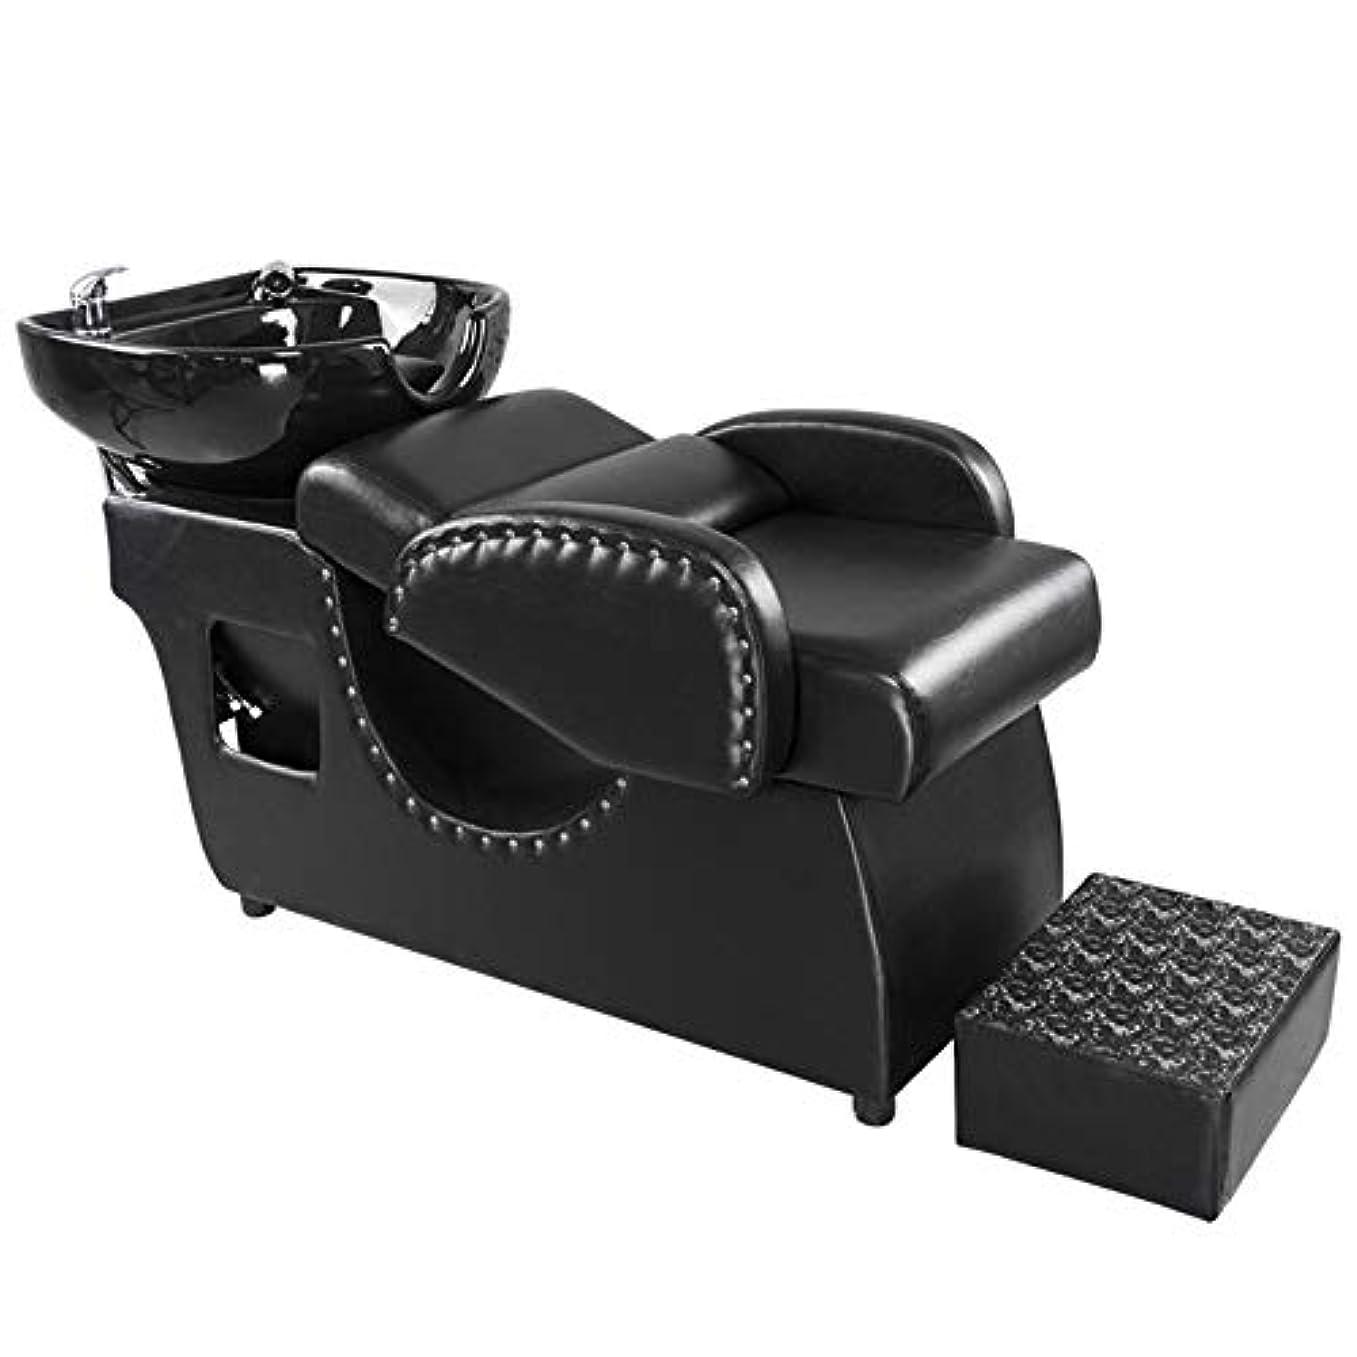 祝う意義飼料シャンプーの理髪師の逆洗の椅子、鉱泉の美容院のためのベッドを洗う陶磁器の洗面器の流しの流しの椅子